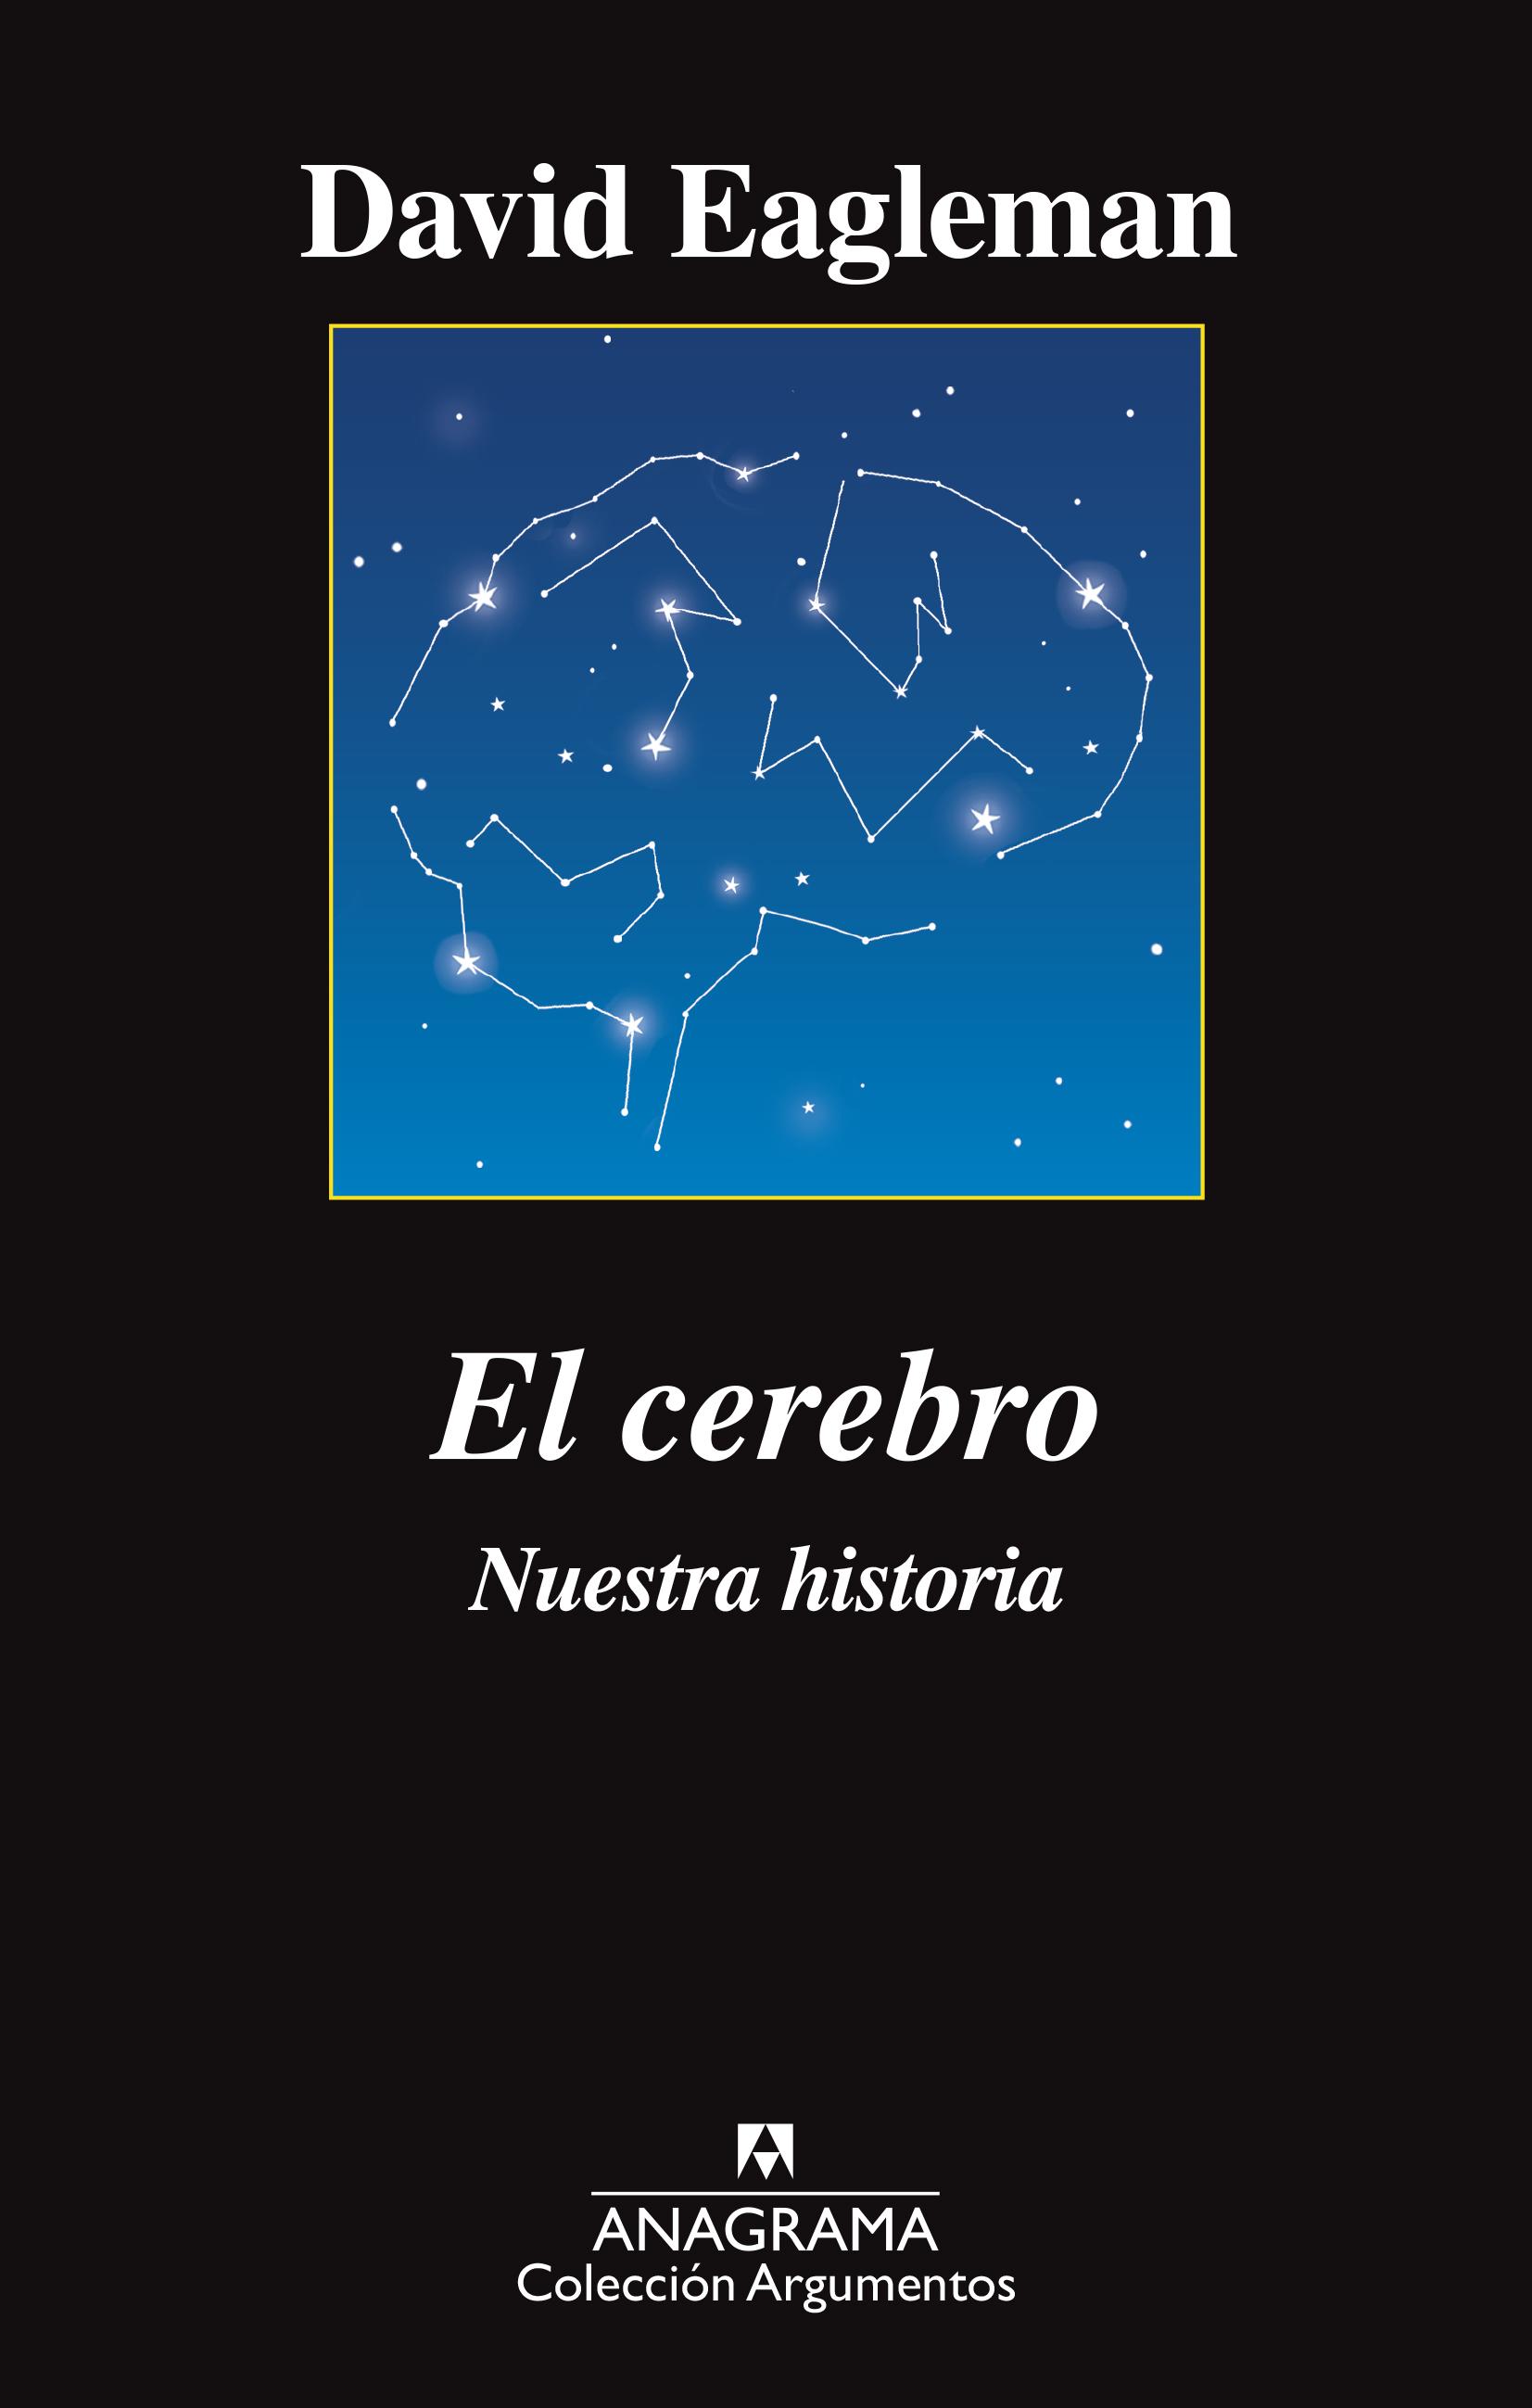 El cerebro - Eagleman, David - 978-84-339-6413-7 - Editorial Anagrama